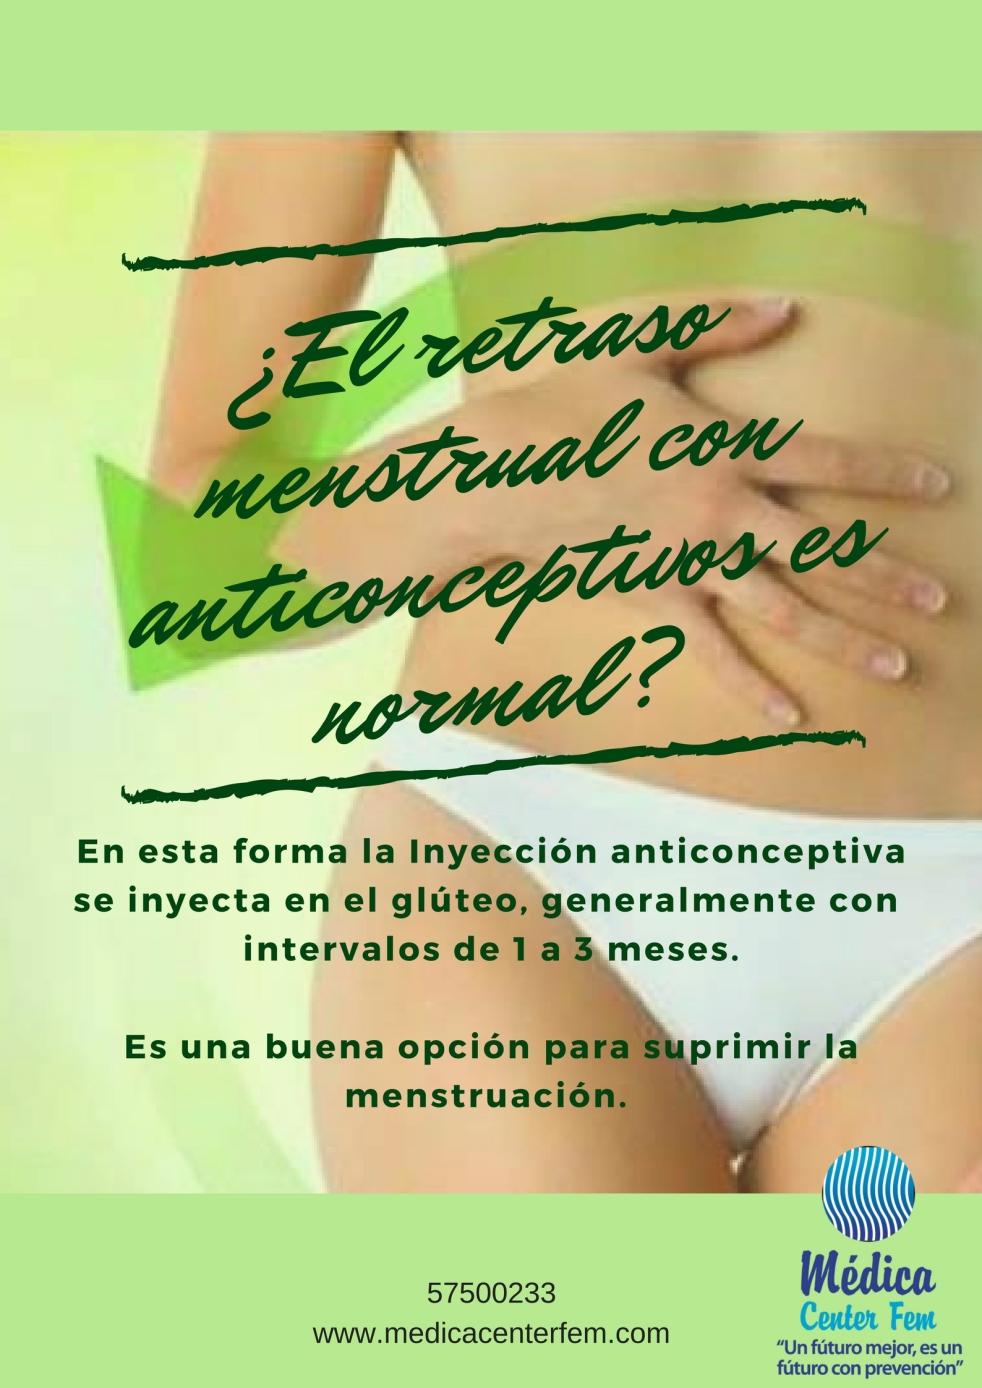 Anticonceptivos y retraso menstrual